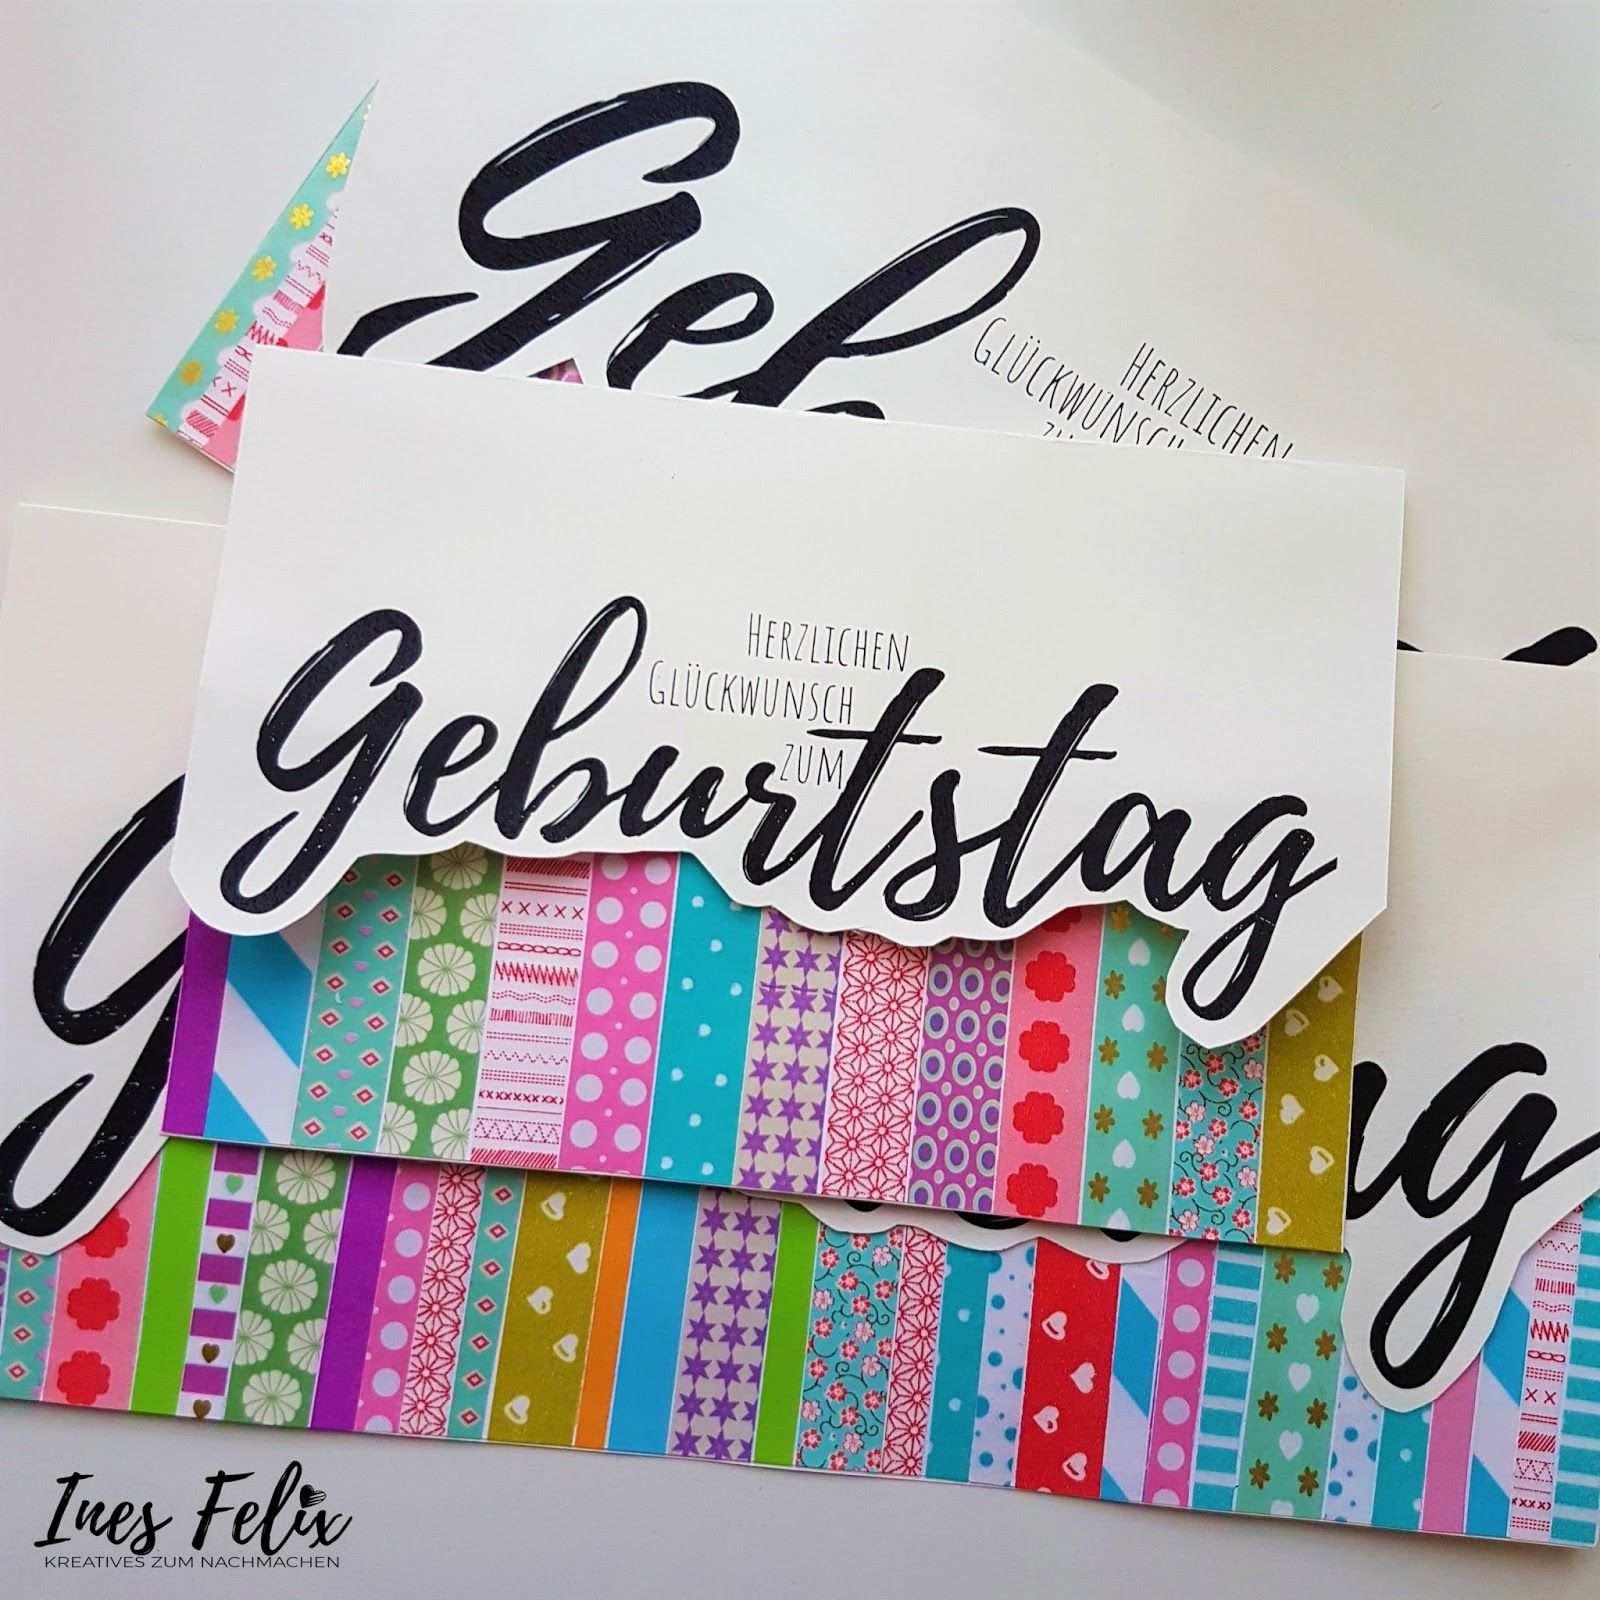 Geburtstag Karte Masking Tape Vorlage Ines Felix Anleitung Selber Machen Basteln Diy In 2020 Karte Basteln Geburtstag Geburtstag Karte Karten Selber Basteln